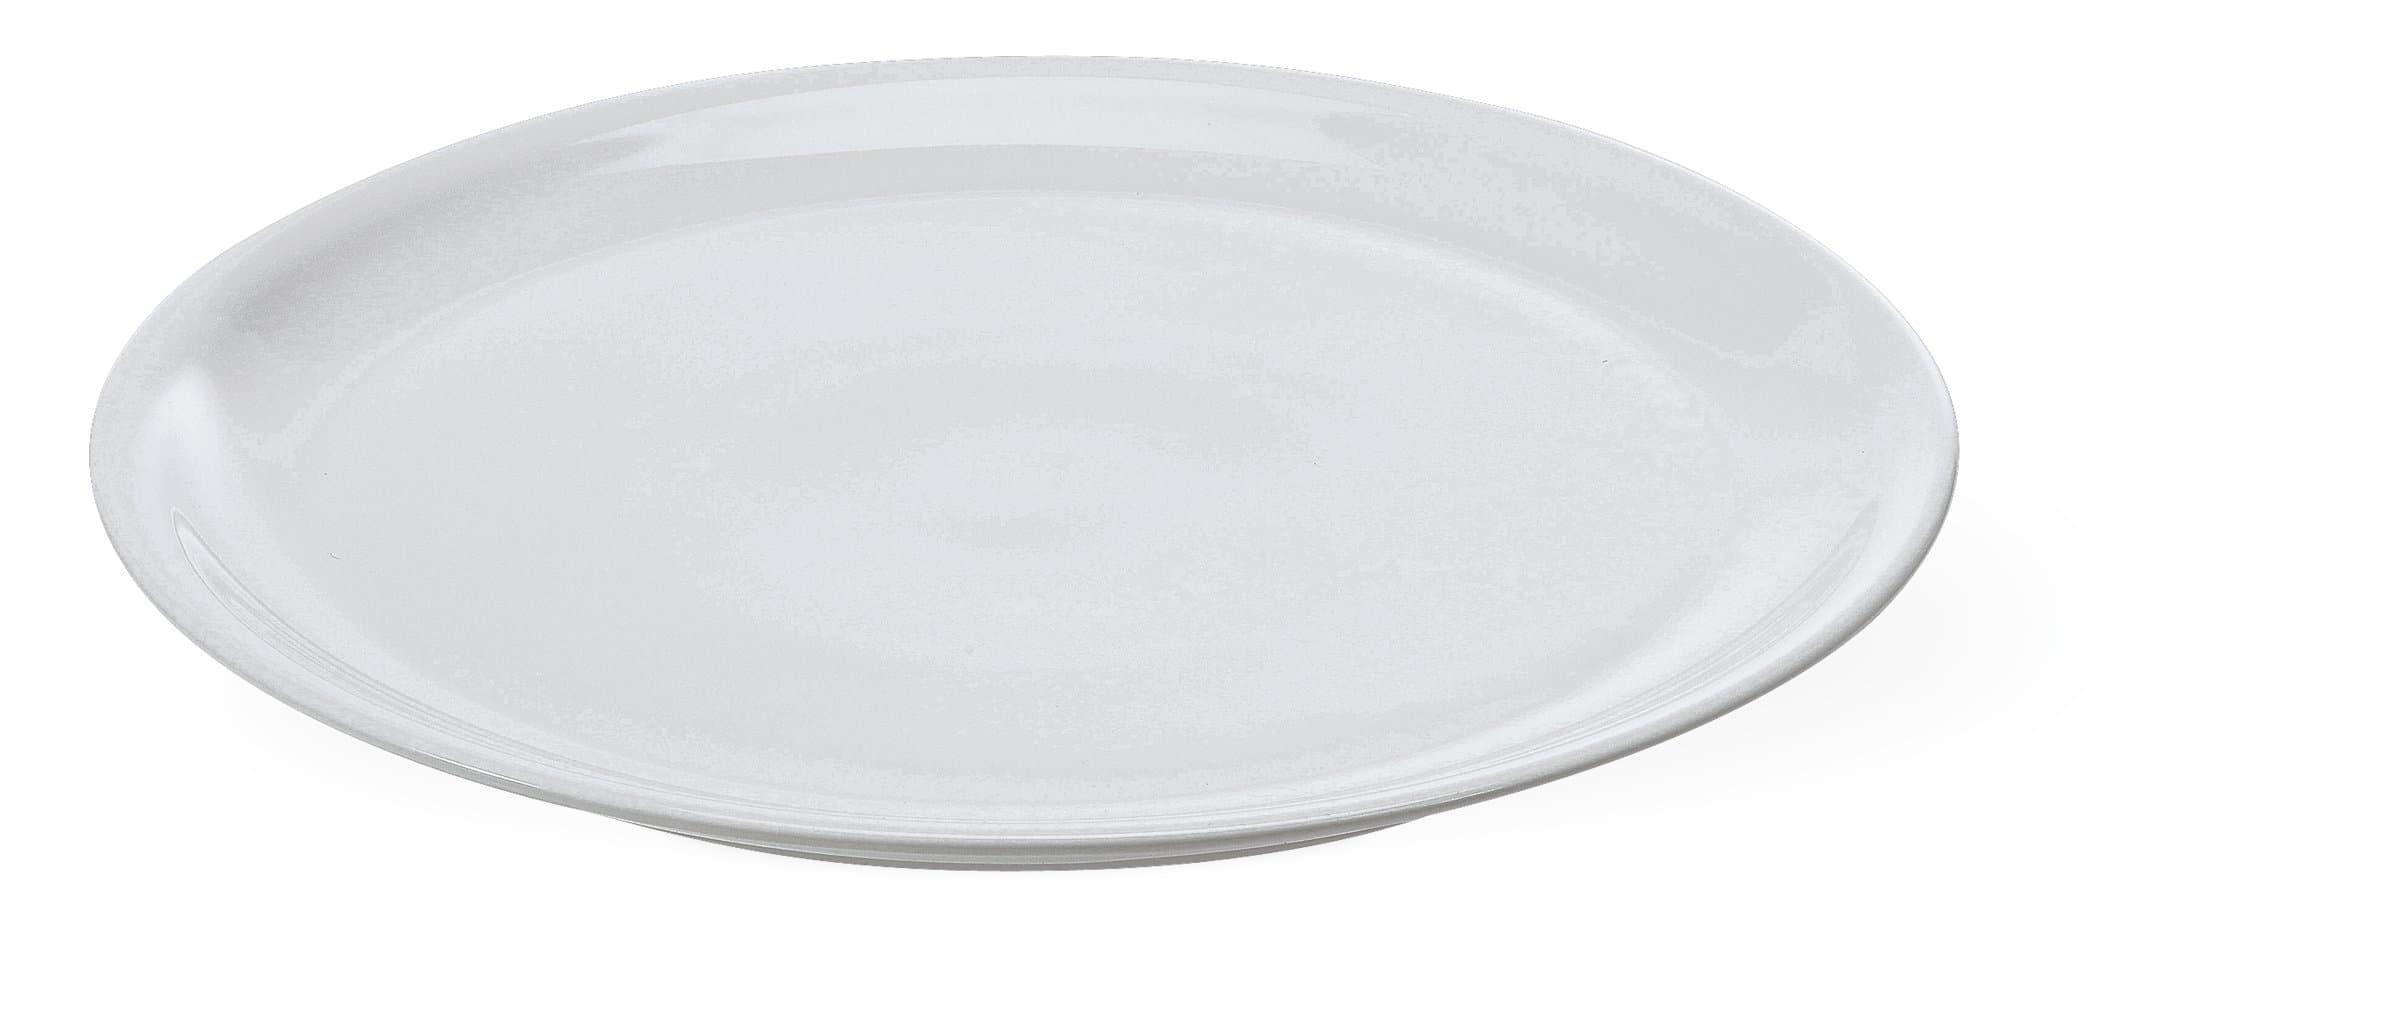 Cucina & Tavola Assiette à pizza